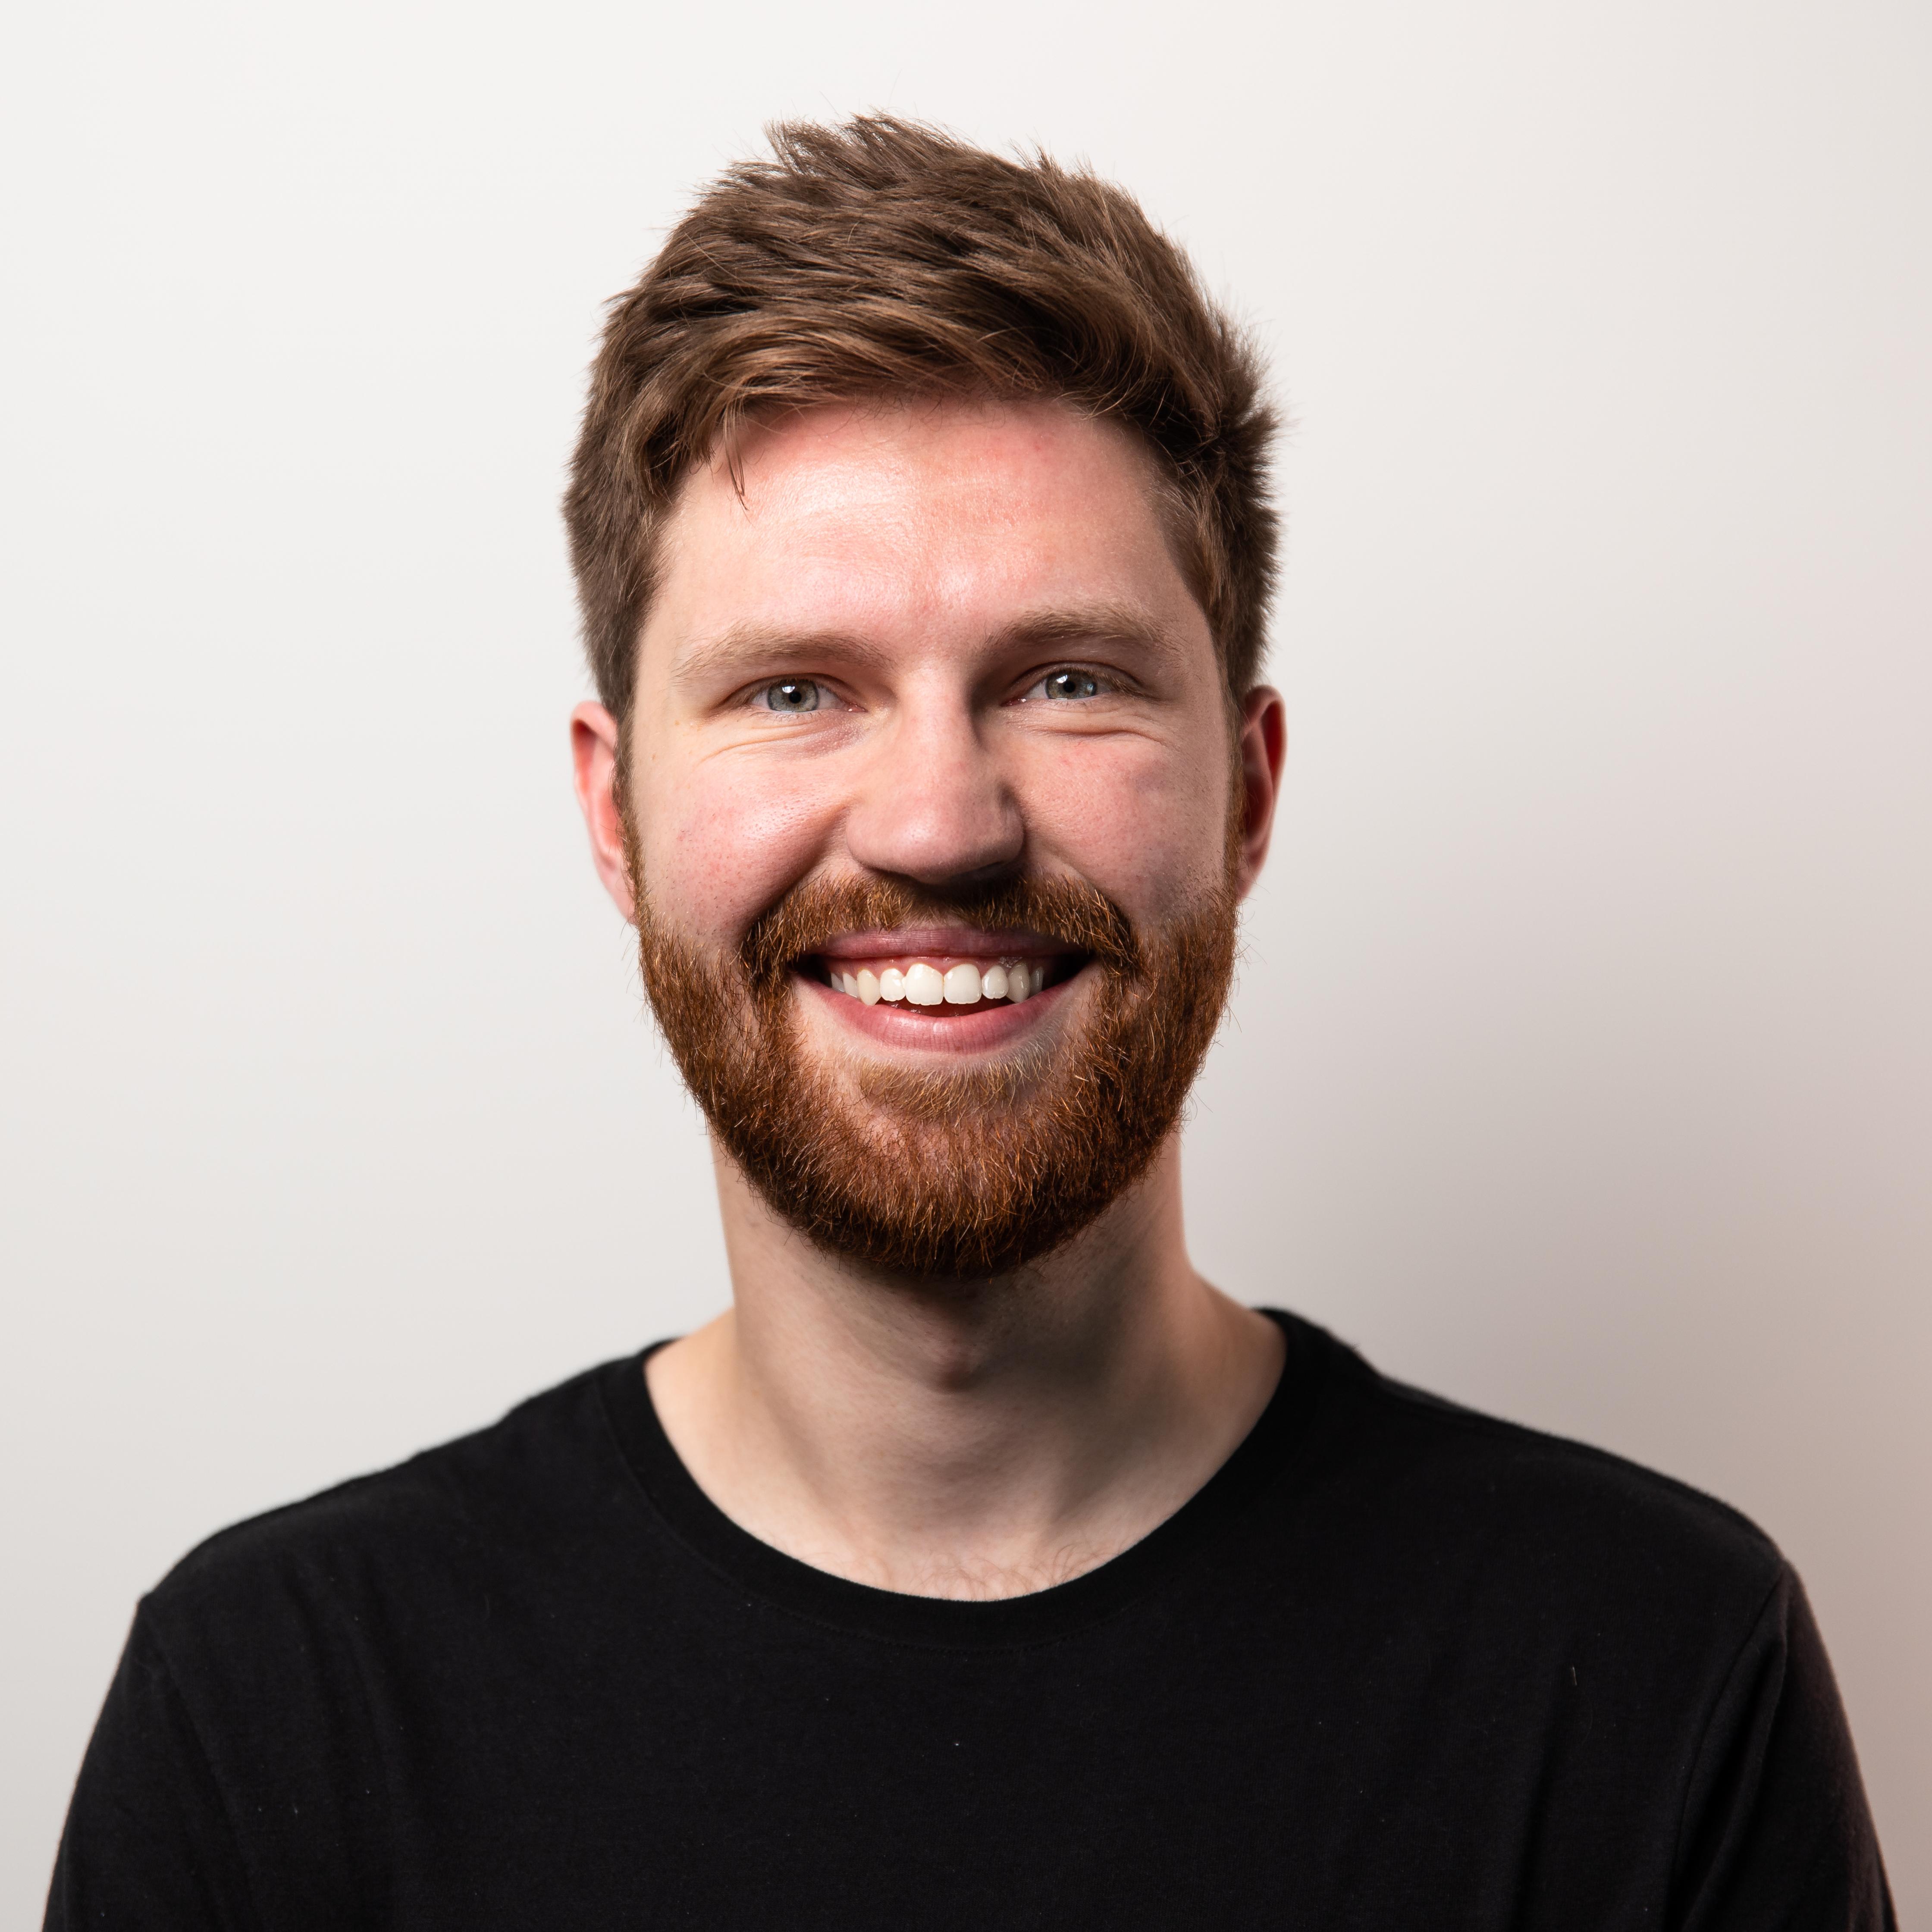 Jordan Finney Headshot